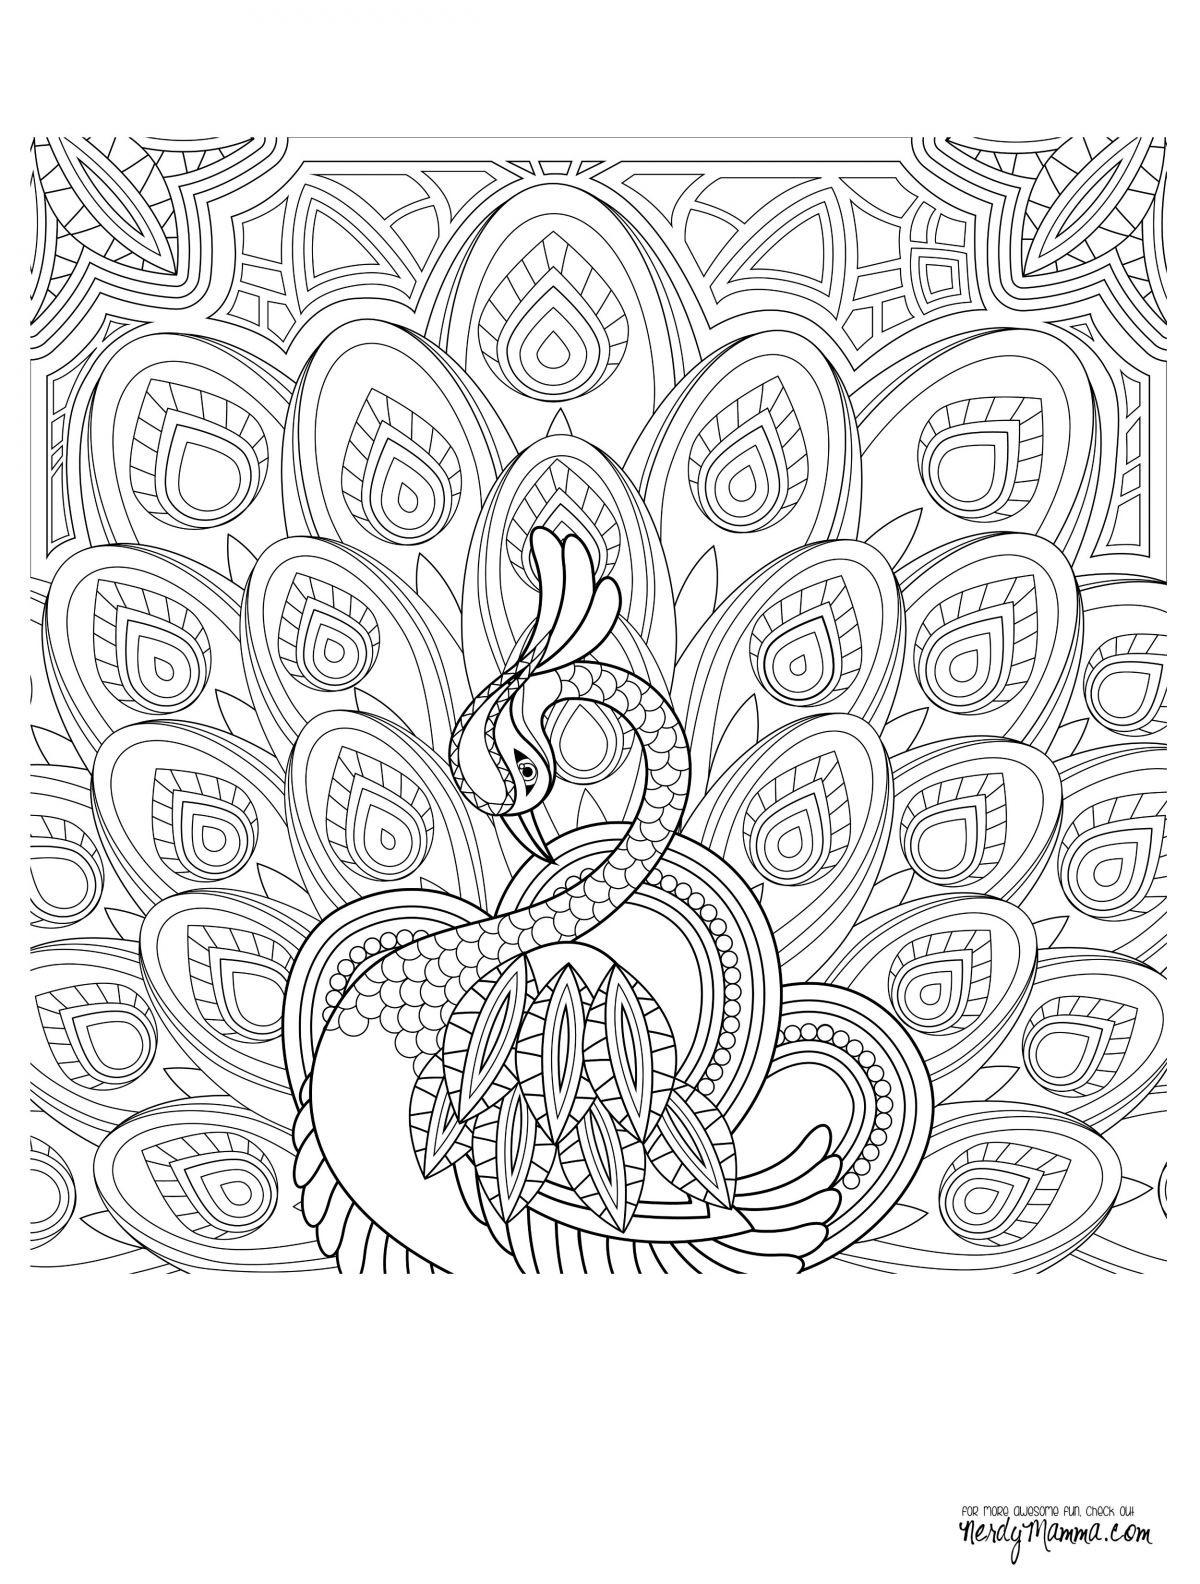 Malvorlagen Blumen Ranken Kostenlos Einzigartig Malvorlagen Für Erwachsene Kostenlose Druckvorlagen Best Bild